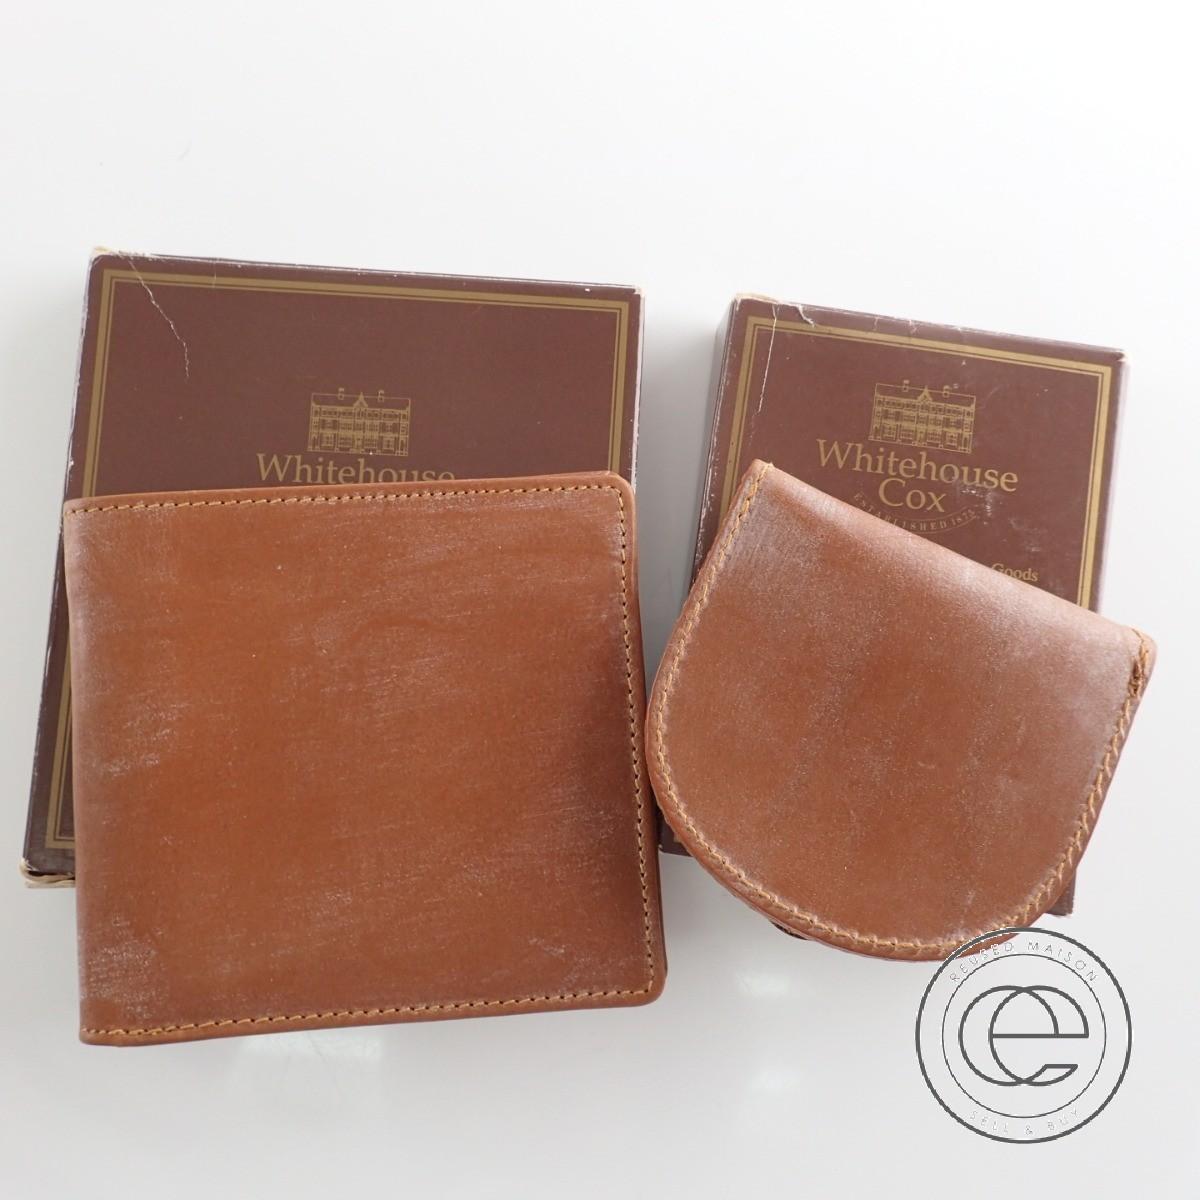 Whitehouse Coxホワイトハウスコックス 5571 & 5765 BRIDLE LEATHR CARD NOTECASE ブライドルレザー 二つ折り財布 & 馬蹄形コインケース 計2点 二つ折り財布(小銭入れなし) NEWTONニュートン メンズ 【中古】